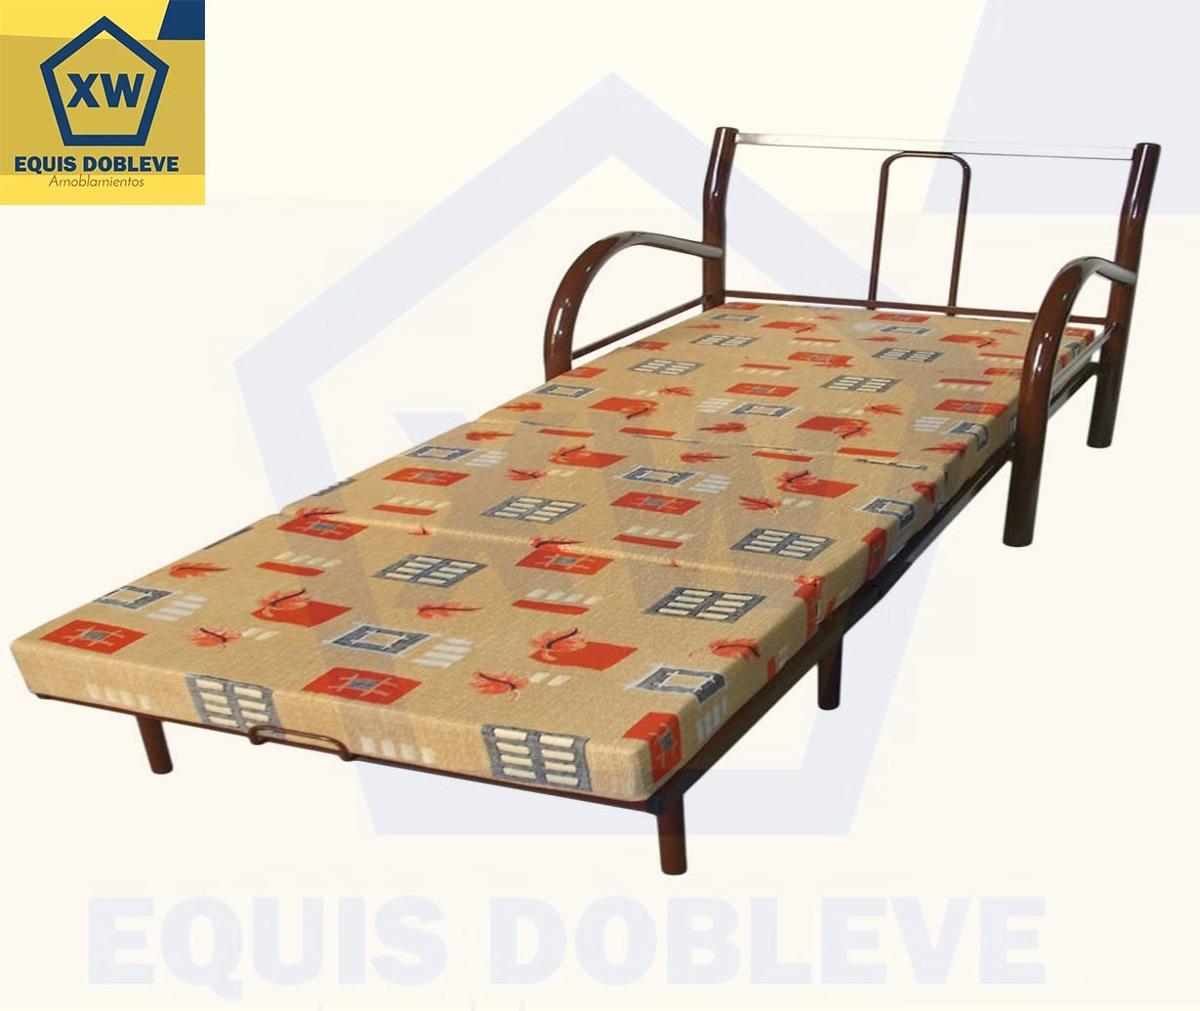 Colchón Para Sillón Cama Plegable 2 Plazas - $ 2.990,00 en Mercado Libre